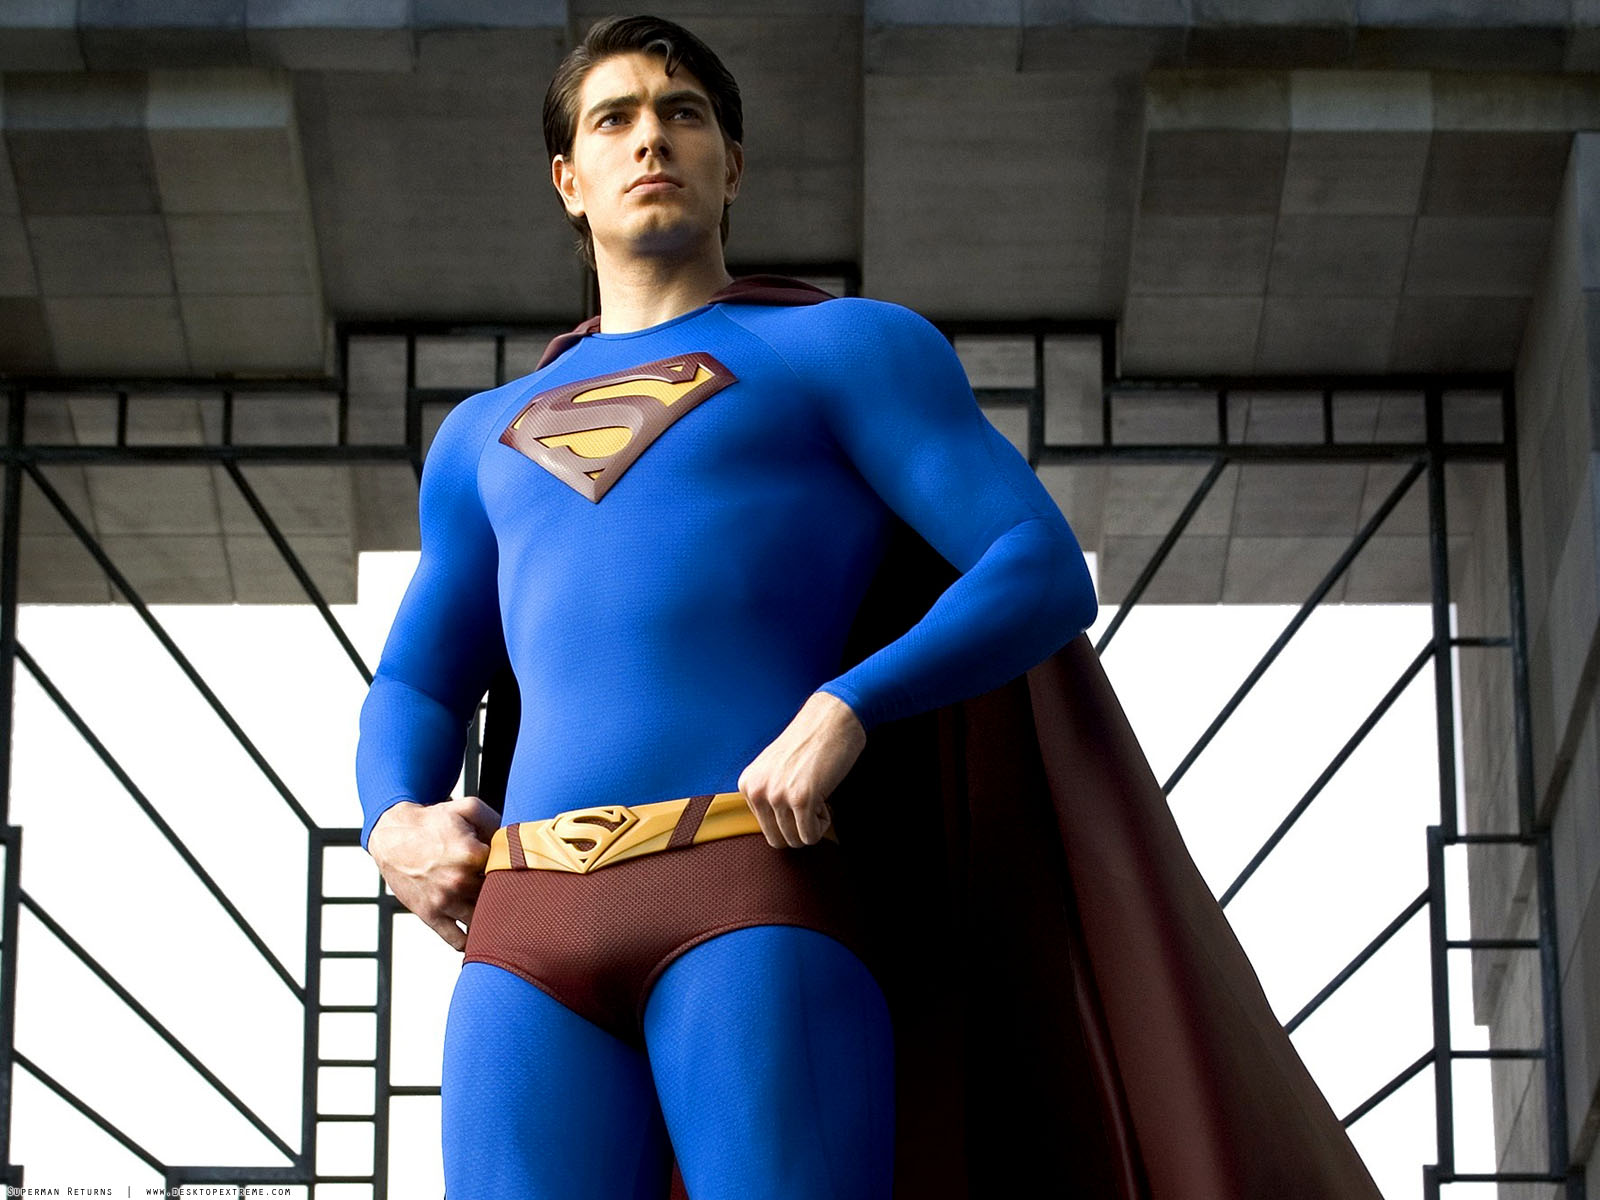 http://4.bp.blogspot.com/-DYWwNzp47r4/UVZ6QflEJkI/AAAAAAAAB-Q/Aqr33kvXtlM/s1600/Superman_Returns_423200534956PM531.jpg